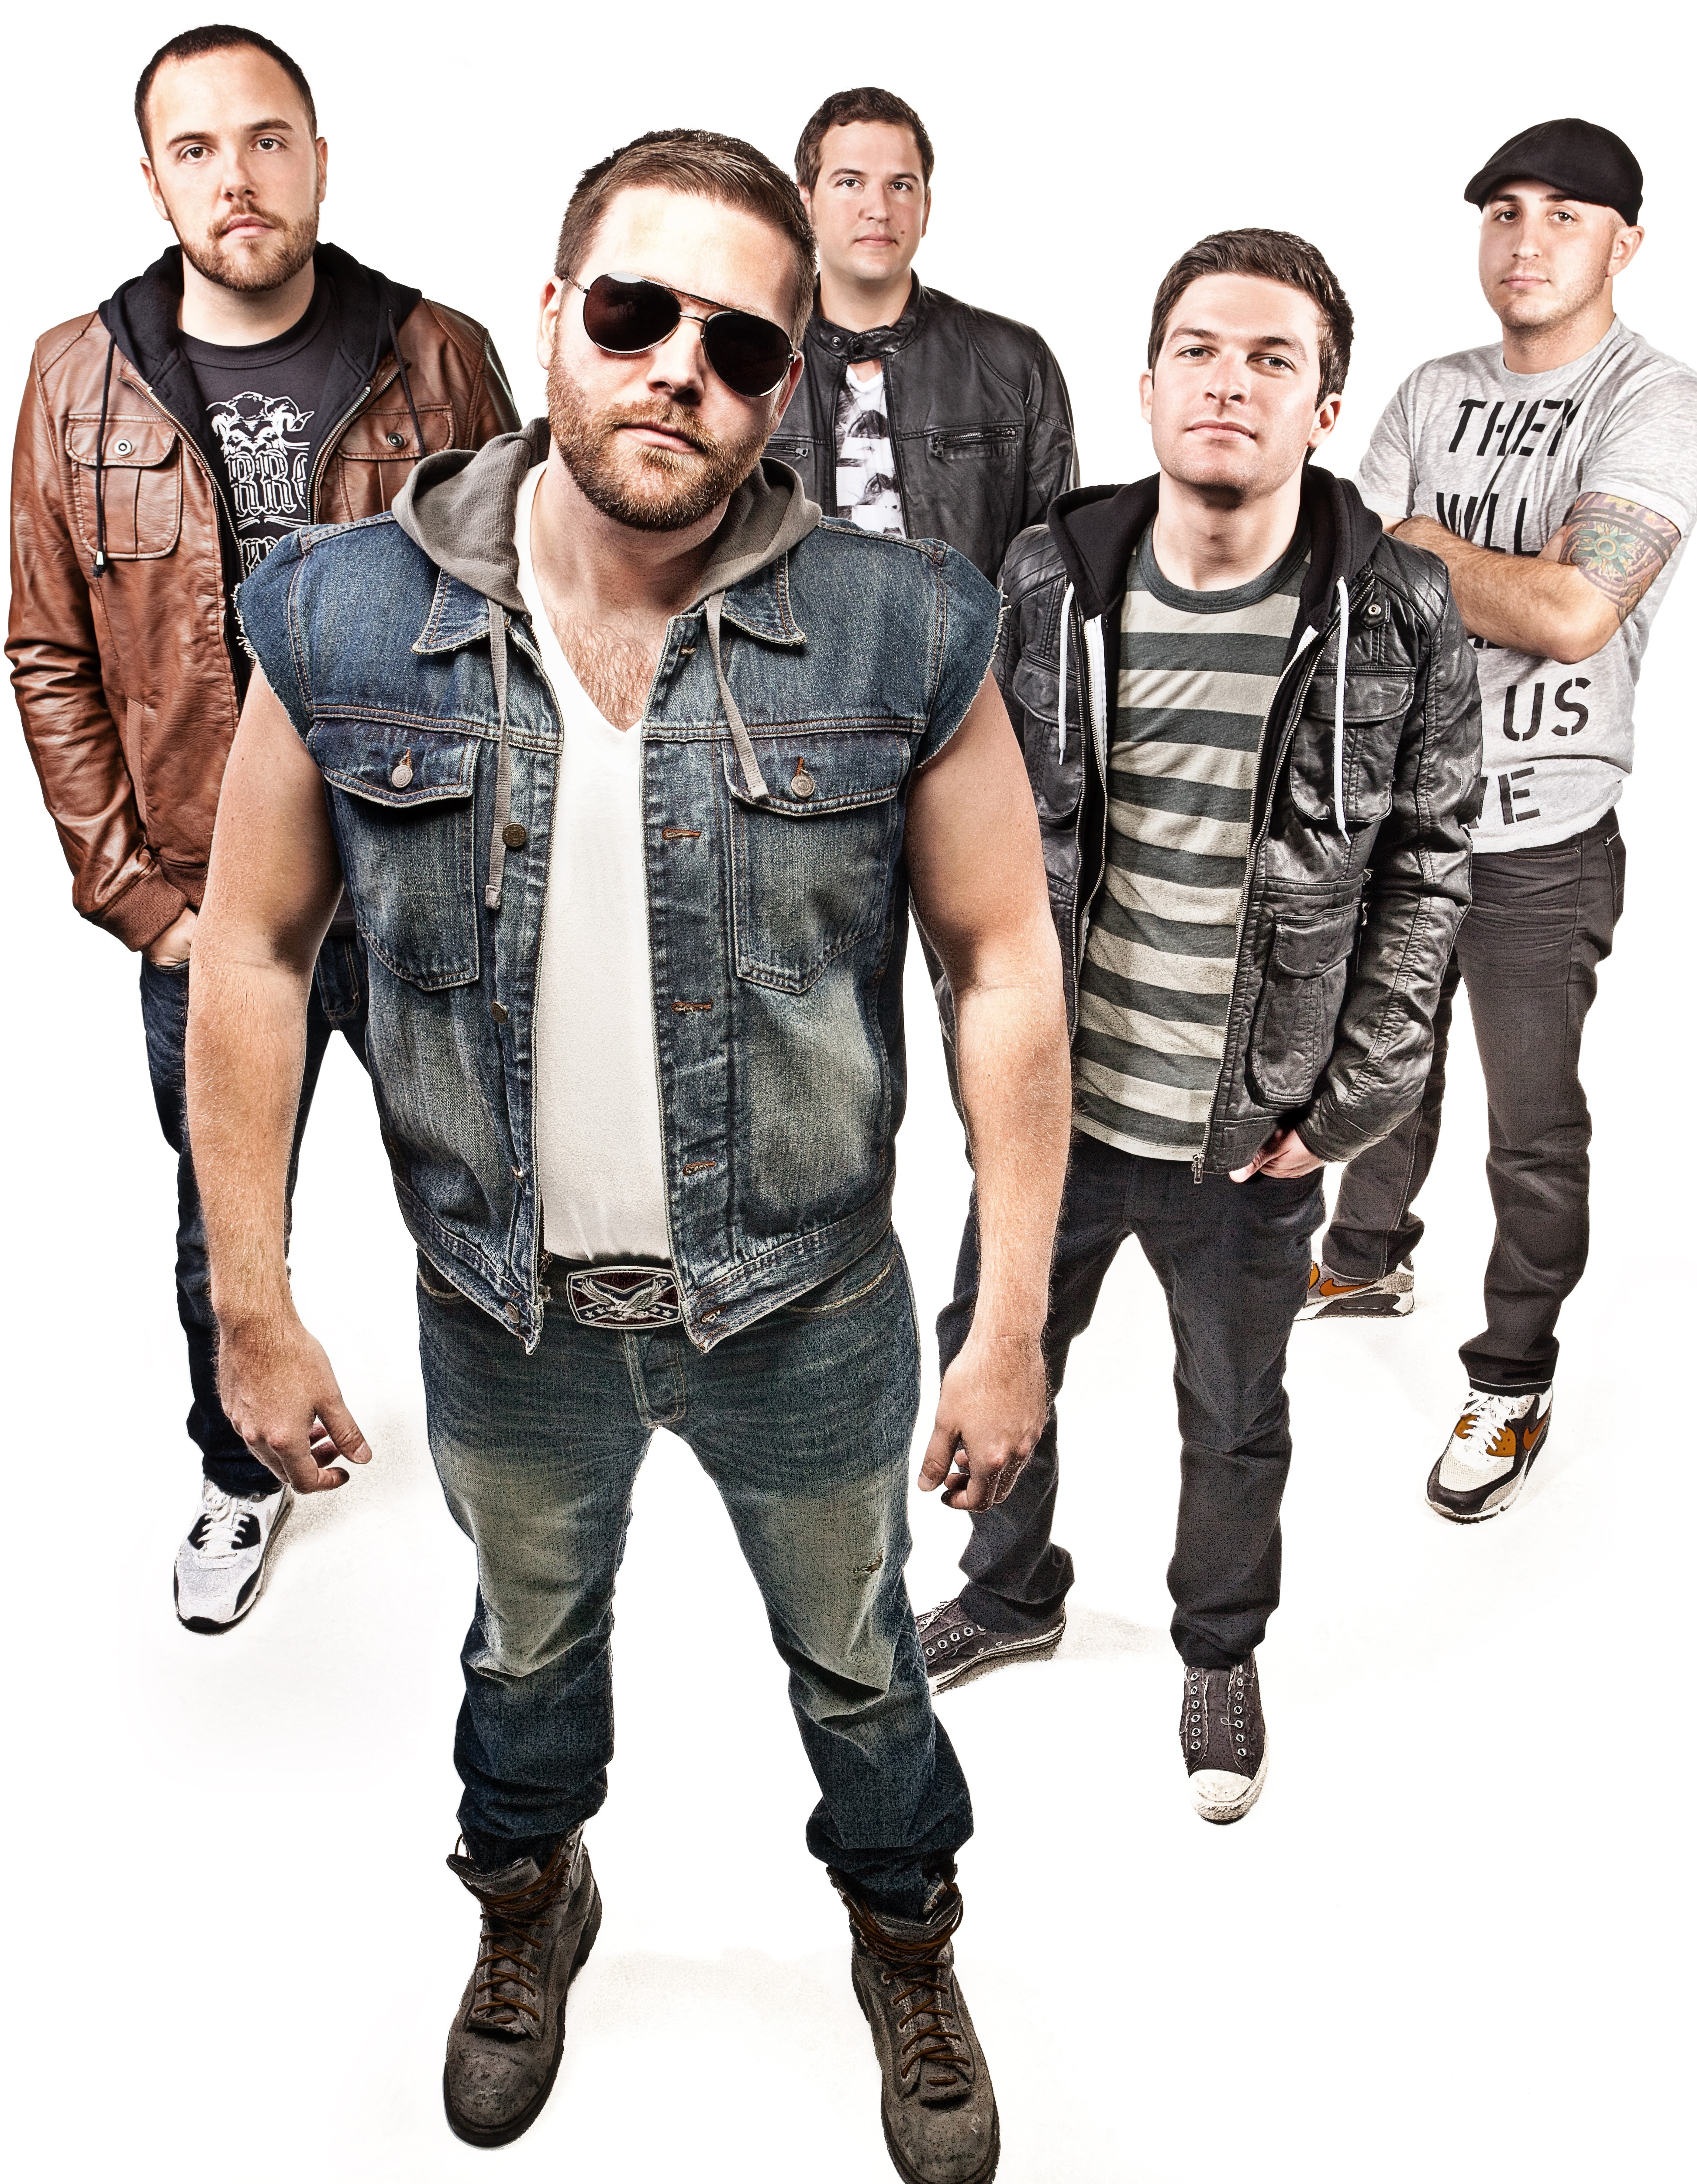 Rock Reviews dirt image: http://entertainmentcentralpittsburgh.com/wp-content/uploads/Gene-the-Werewolf.jpg